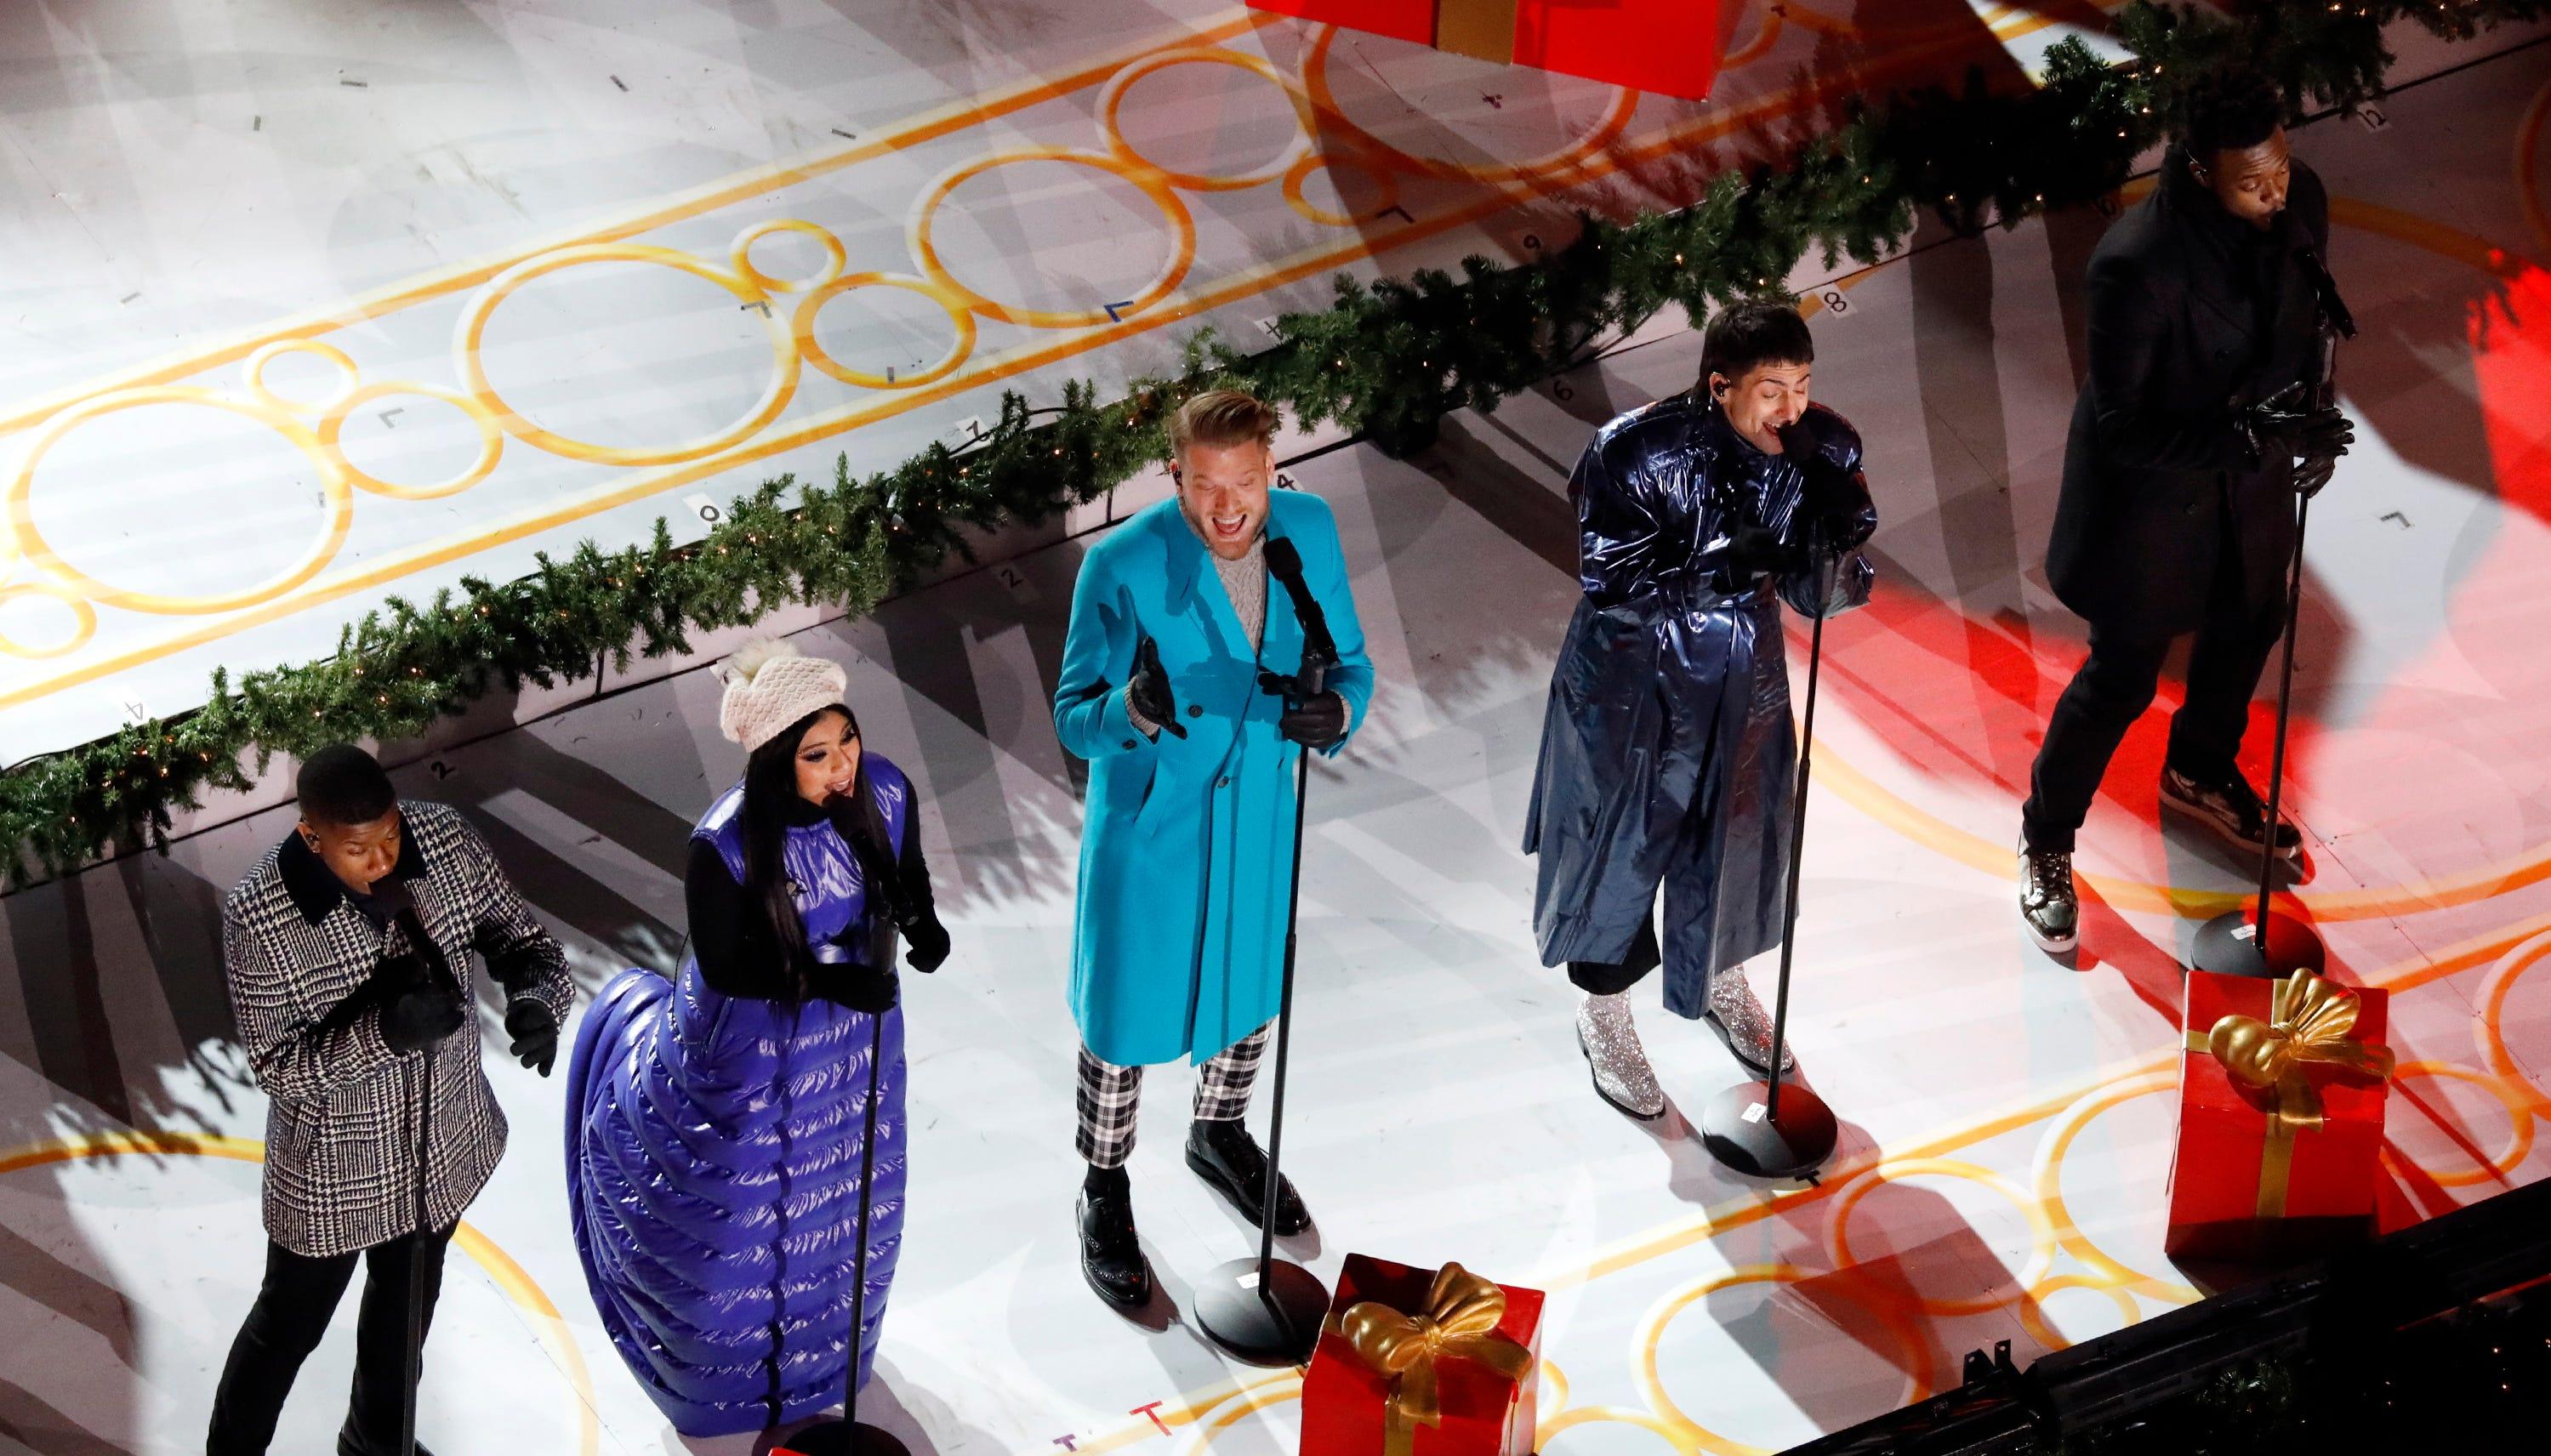 Rockefeller Center Christmas tree lighting Tony Bennett s odd moment